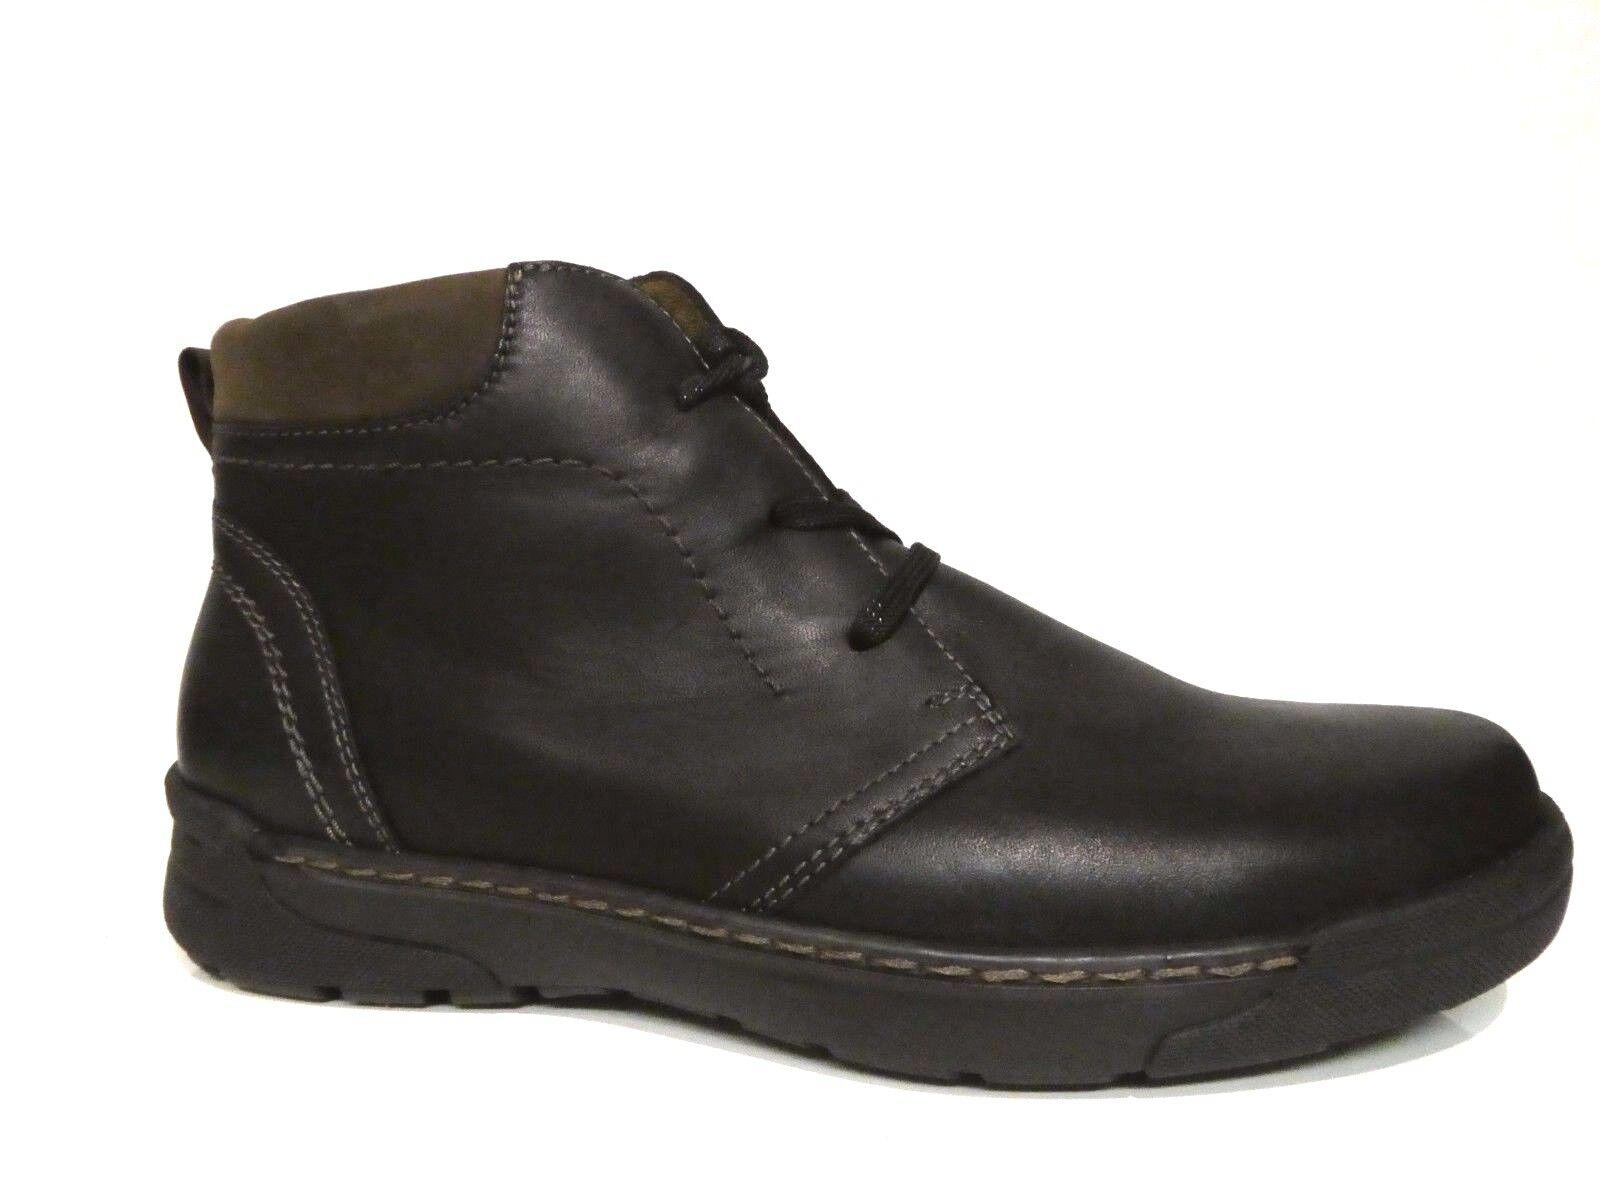 Waldläufer Herren Schuhe Stiefel Boots gefüttert Hesso schwarz Leder Weite H